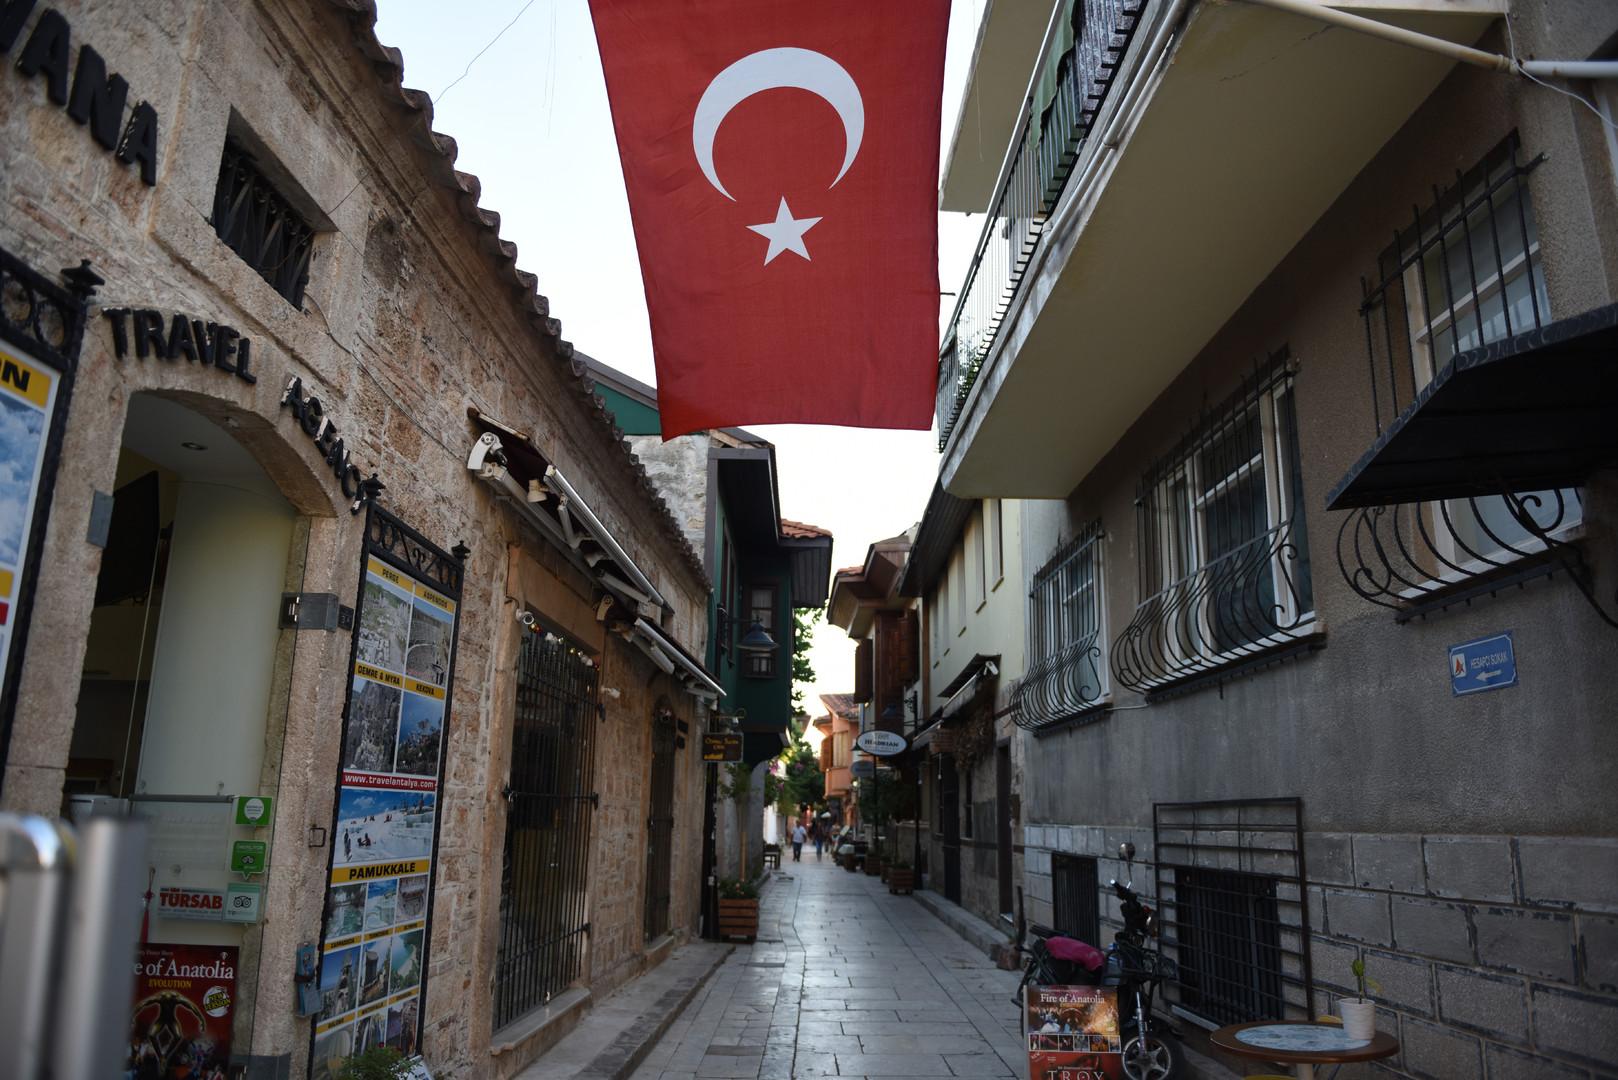 «Дело не только в туризме и помидорах»: эксперты о потеплении между Россией и Турцией